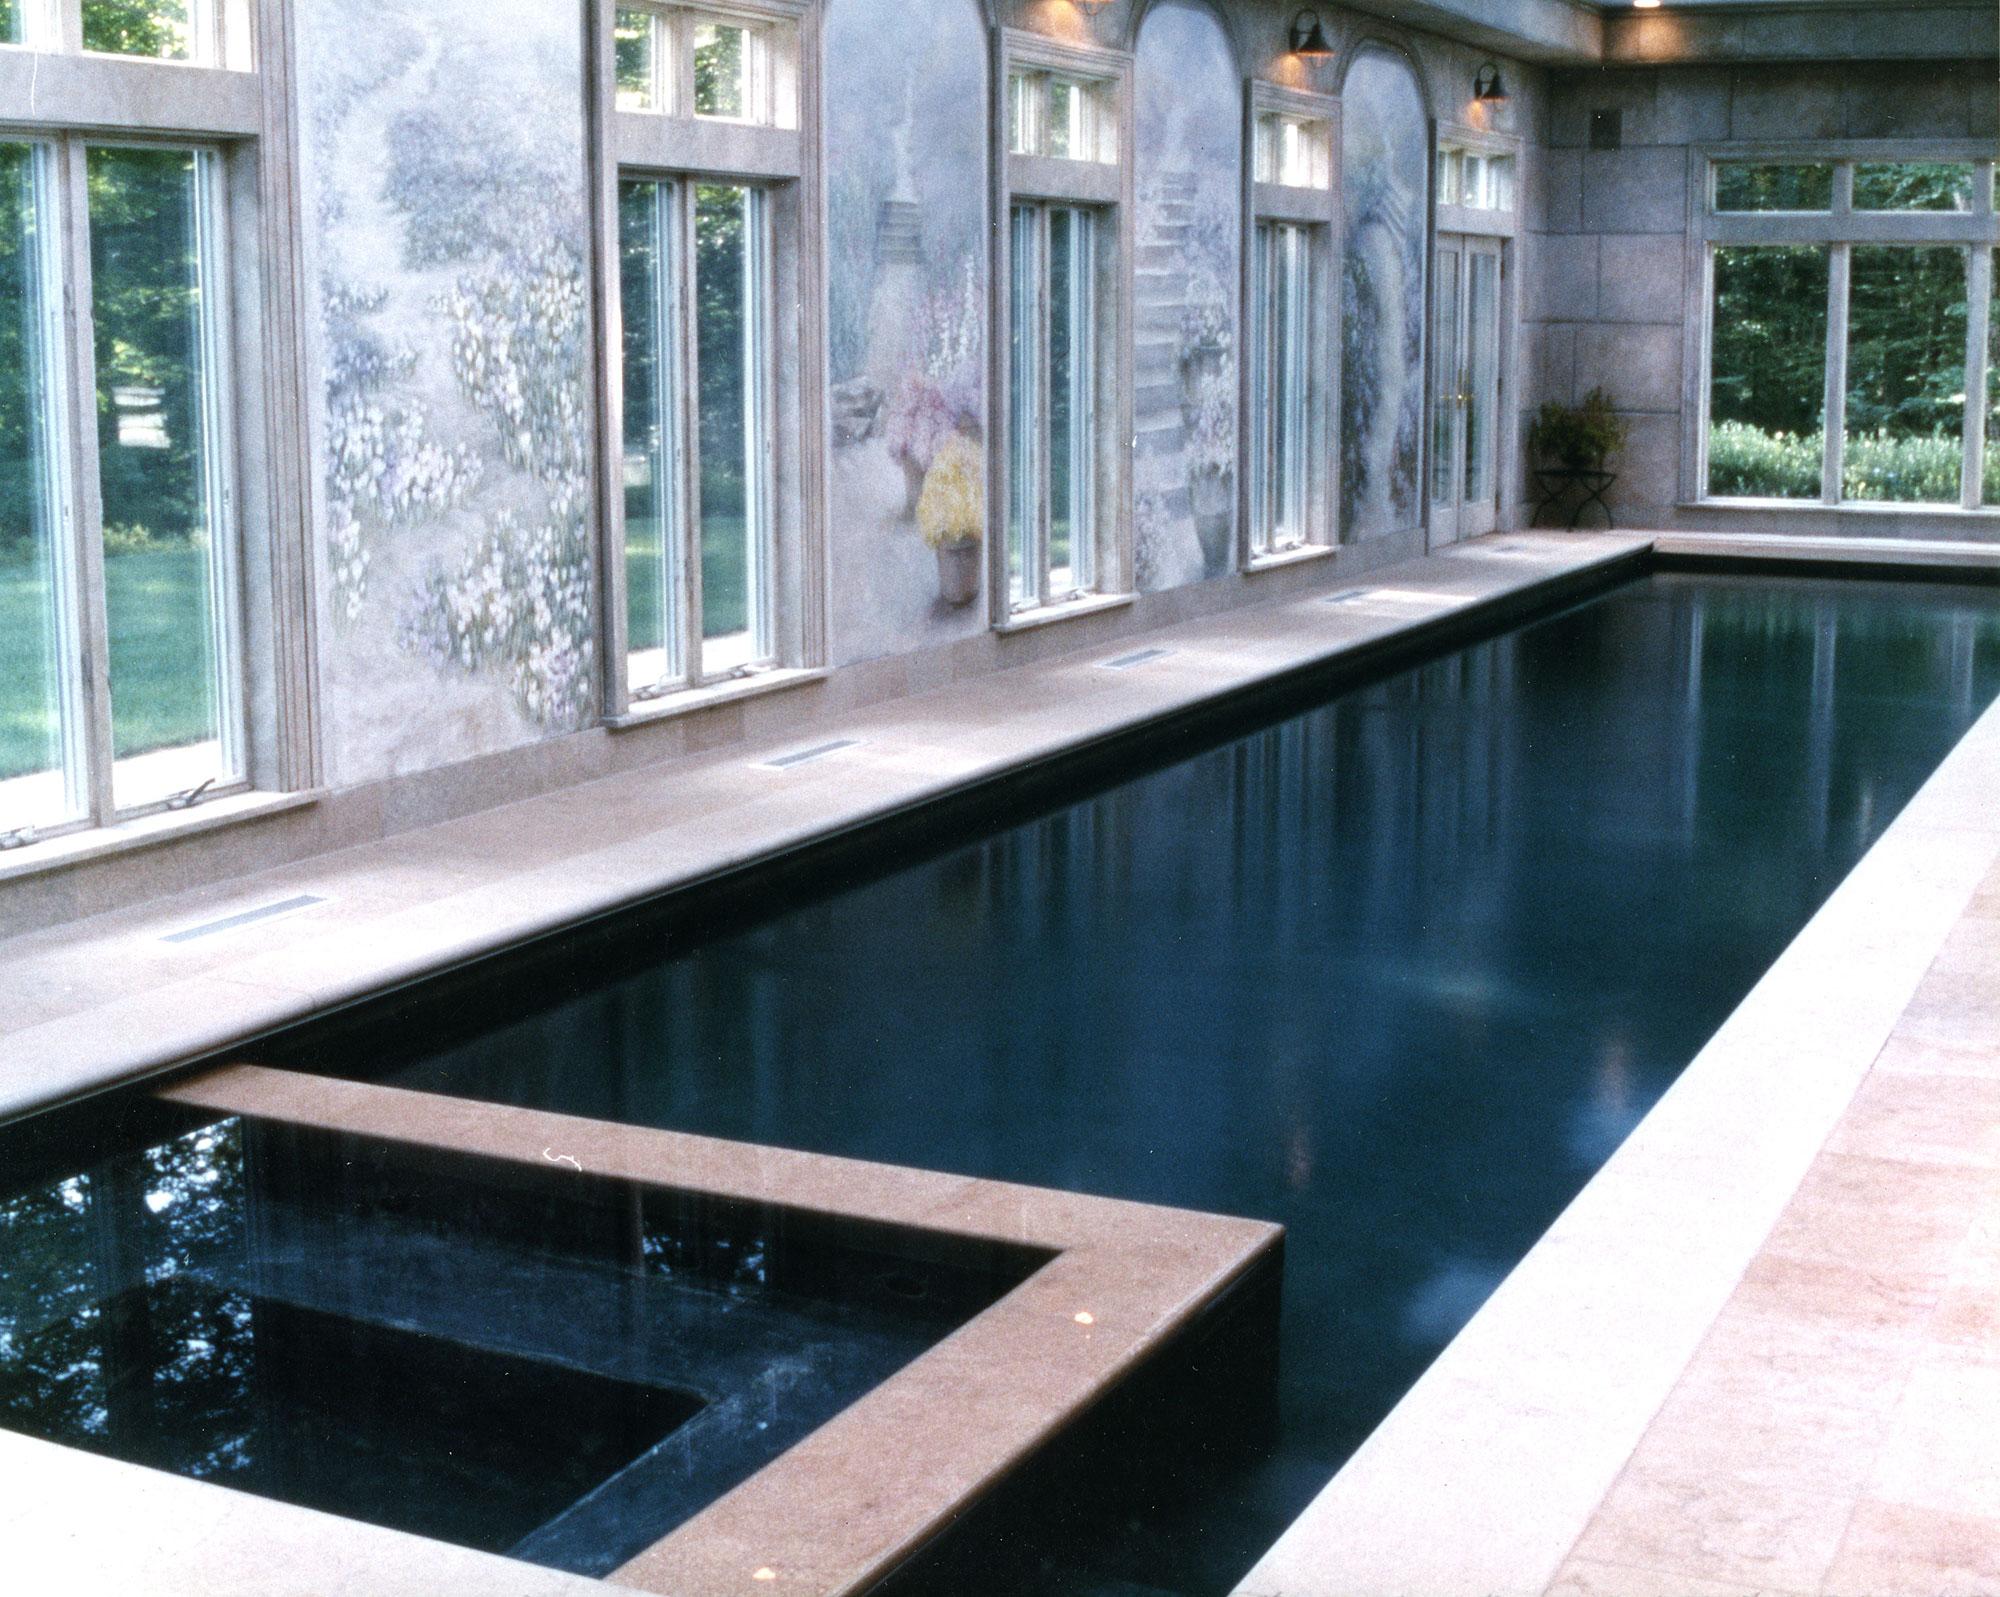 JJ Pool - Indoor Residential Lap Pool in Ridgefield, CT